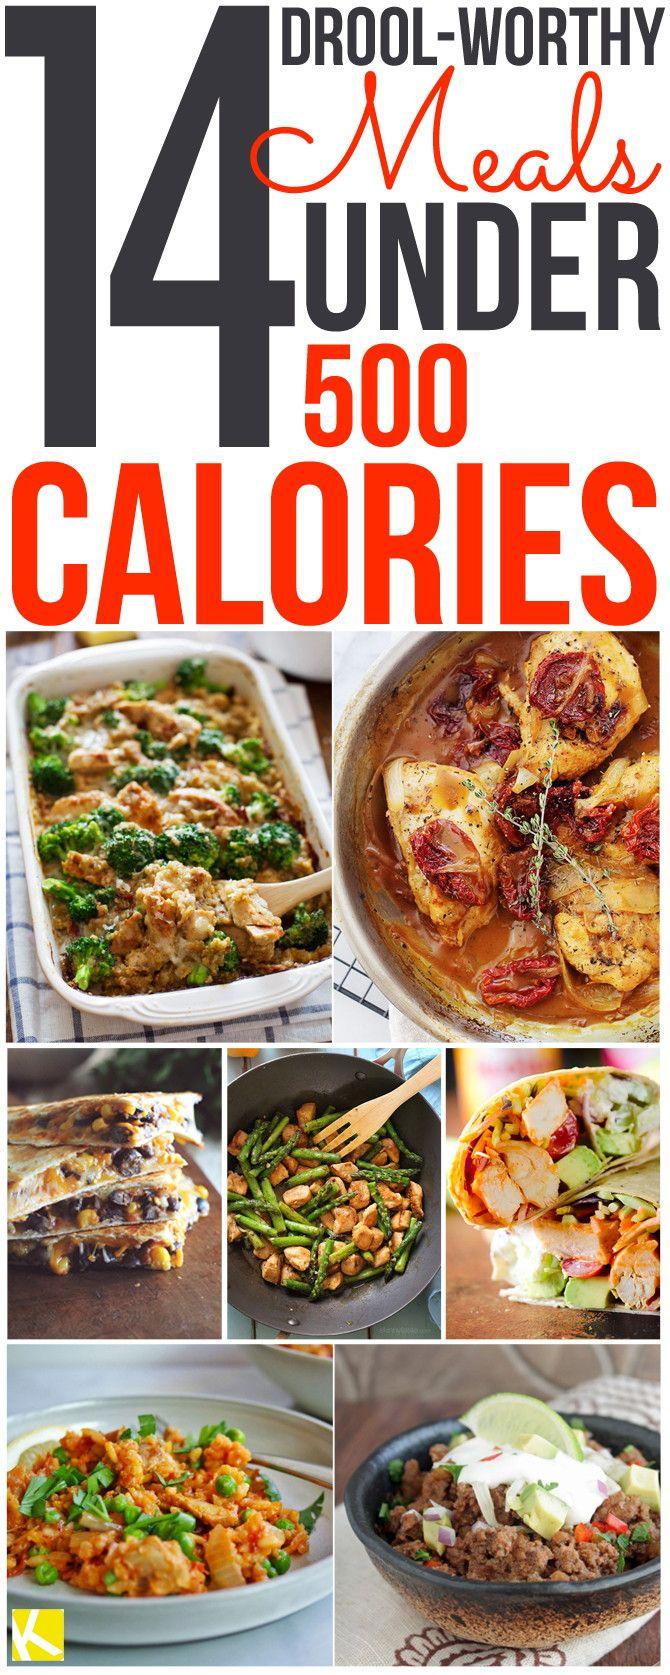 1. Creamy Chicken Quinoa and Broccoli Casserole Recipe